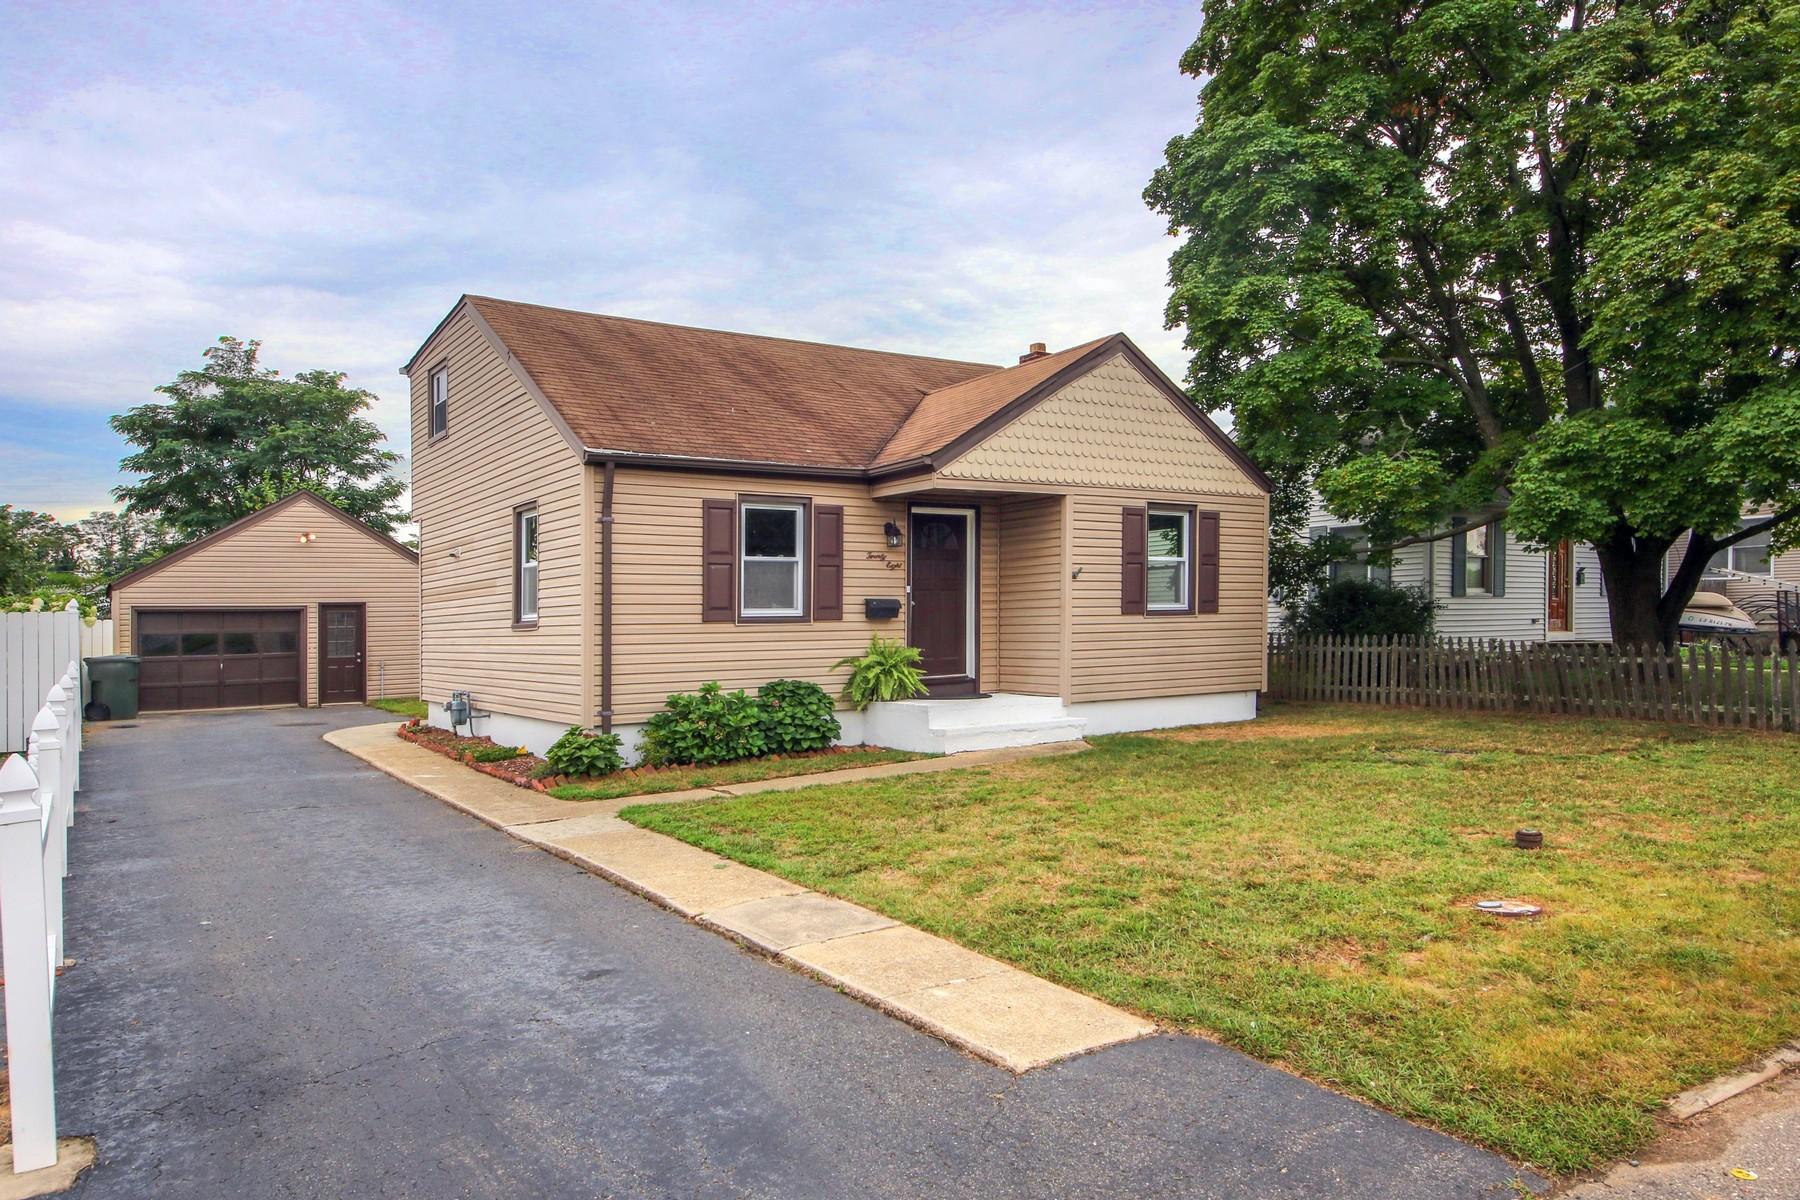 Single Family Homes por un Venta en 28 Carmen St, Hazlet 28 Carmen St. Hazlet, Nueva Jersey 07734 Estados Unidos